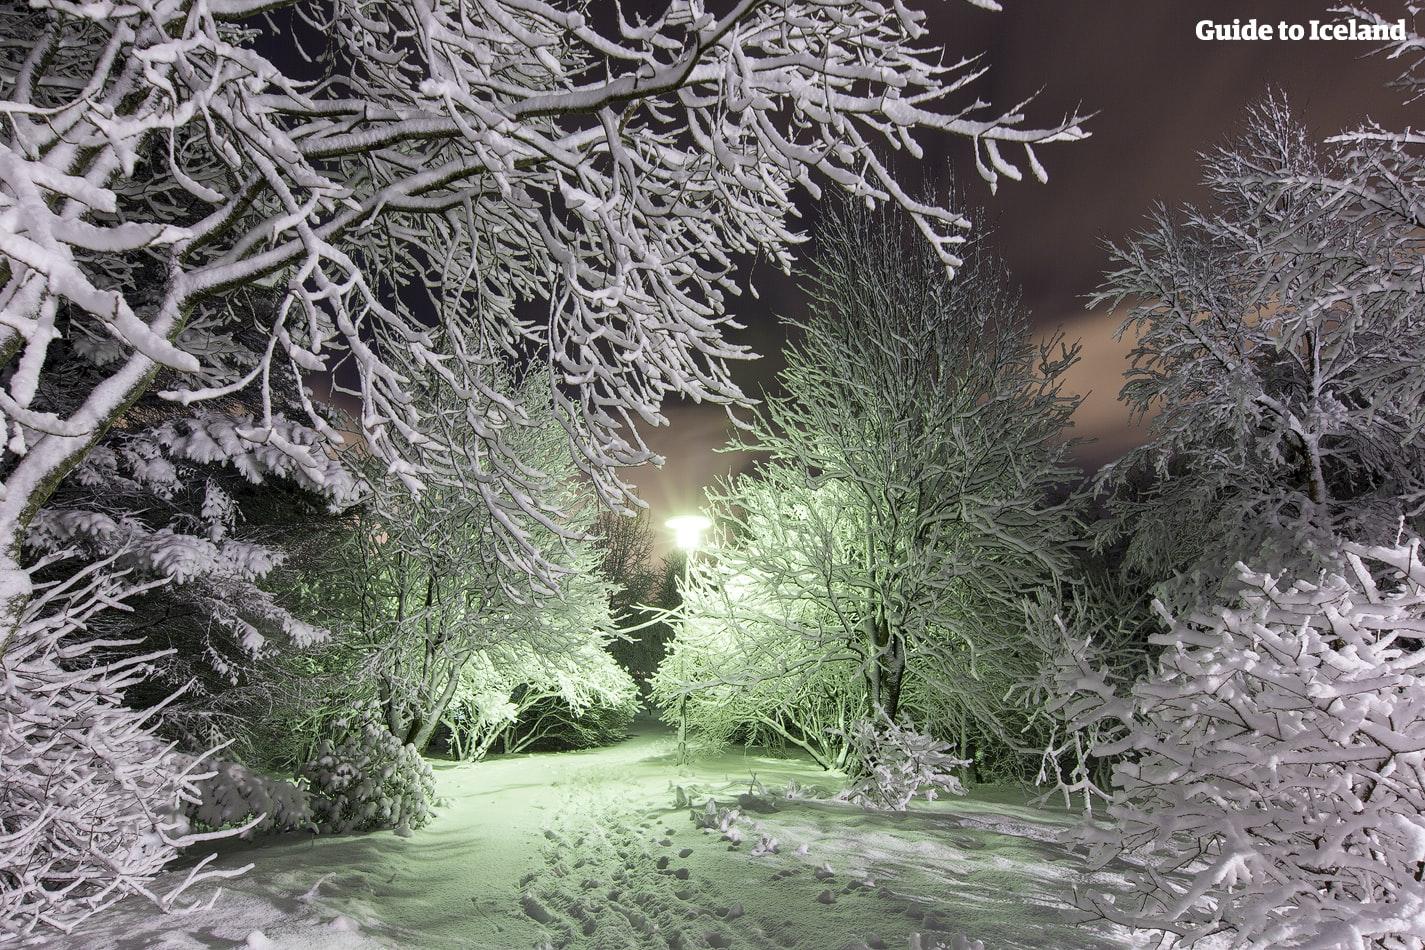 หิมะห่อหุ้มกิ่งก้านของต้นไม้ในกลางฤดูหนาวที่เรคยาวิก